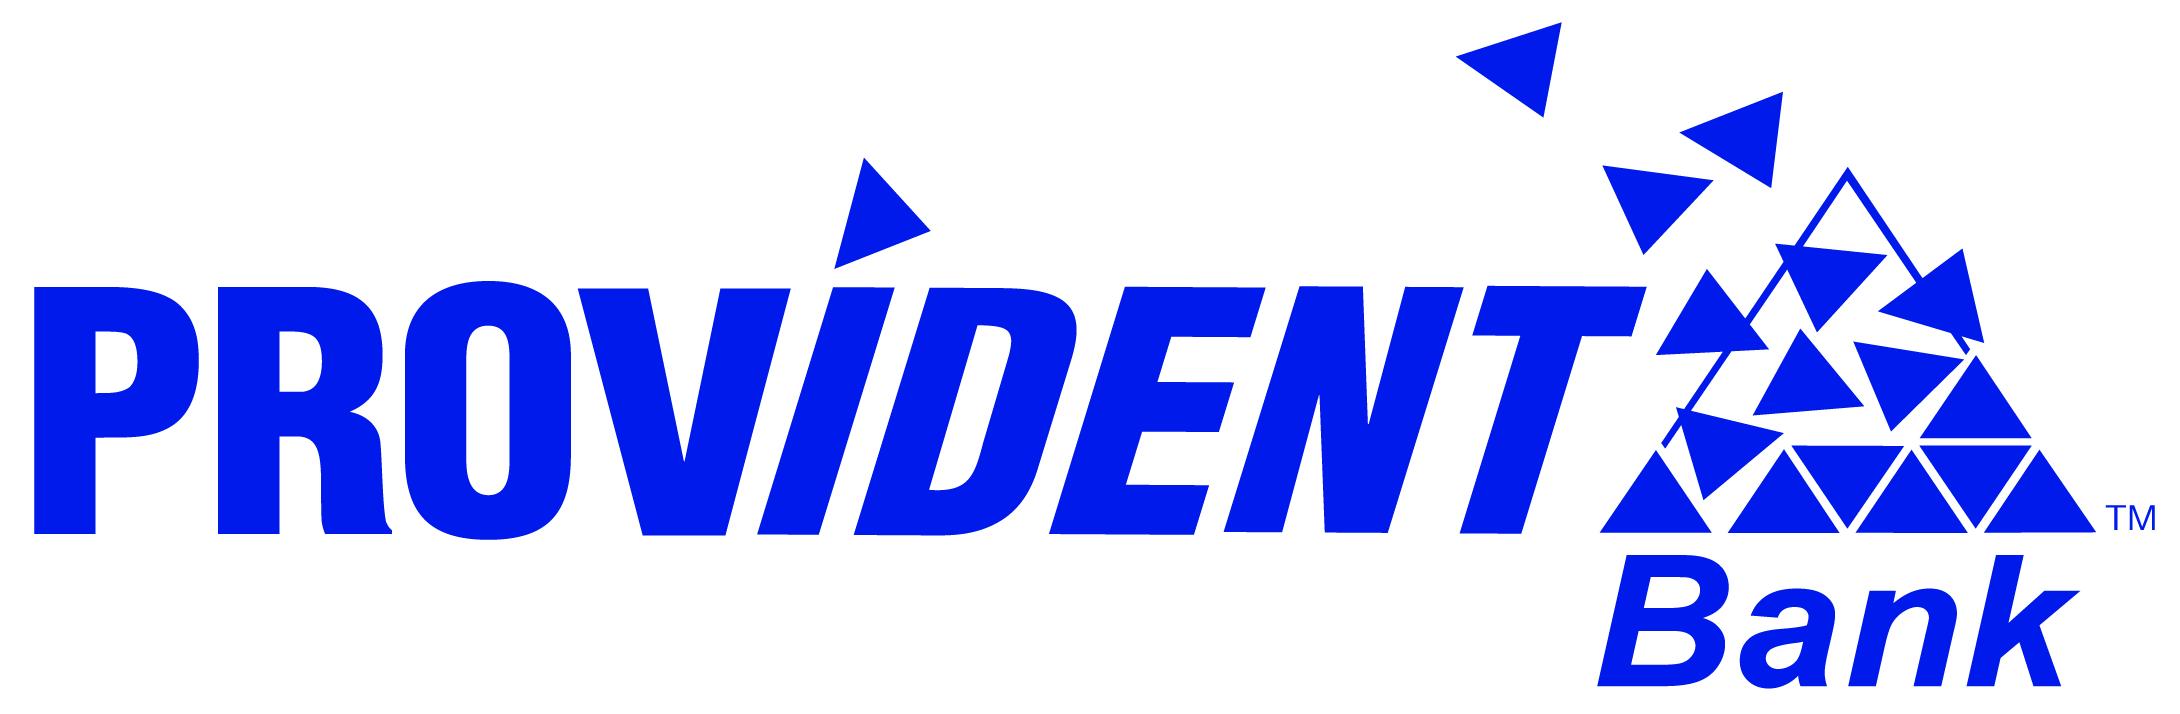 Provident Bank Logo (1).jpg